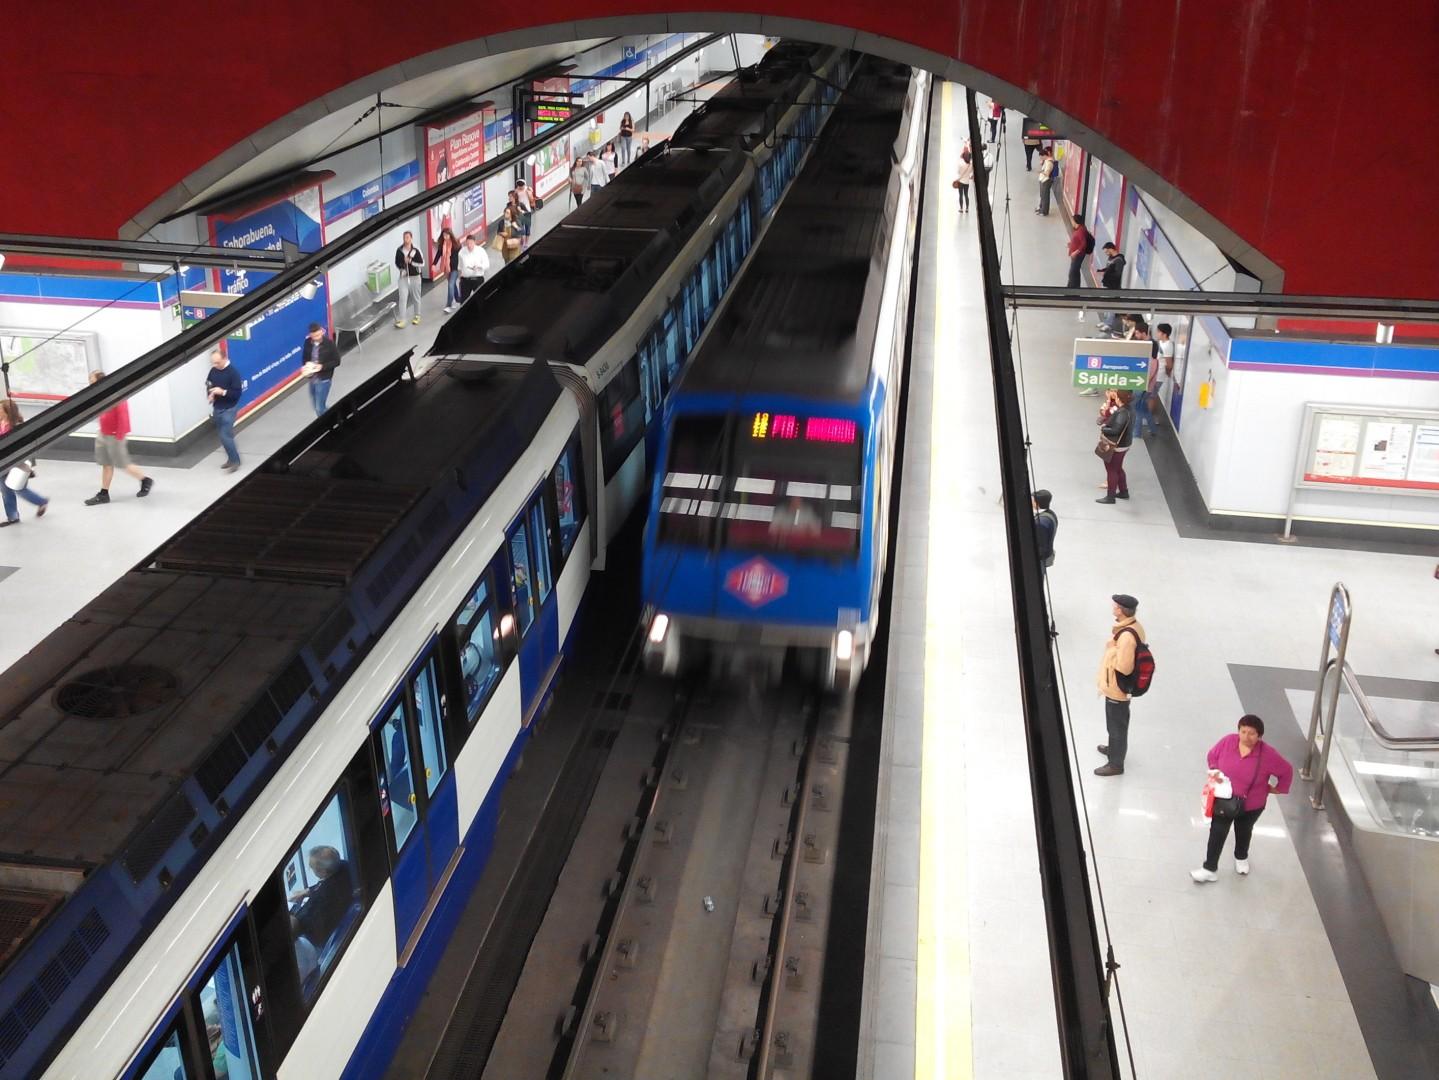 Un 9400 cruzándose con un tren 6000 en la estación de Colombia de la línea 9. Foto: Miguel Bustos.